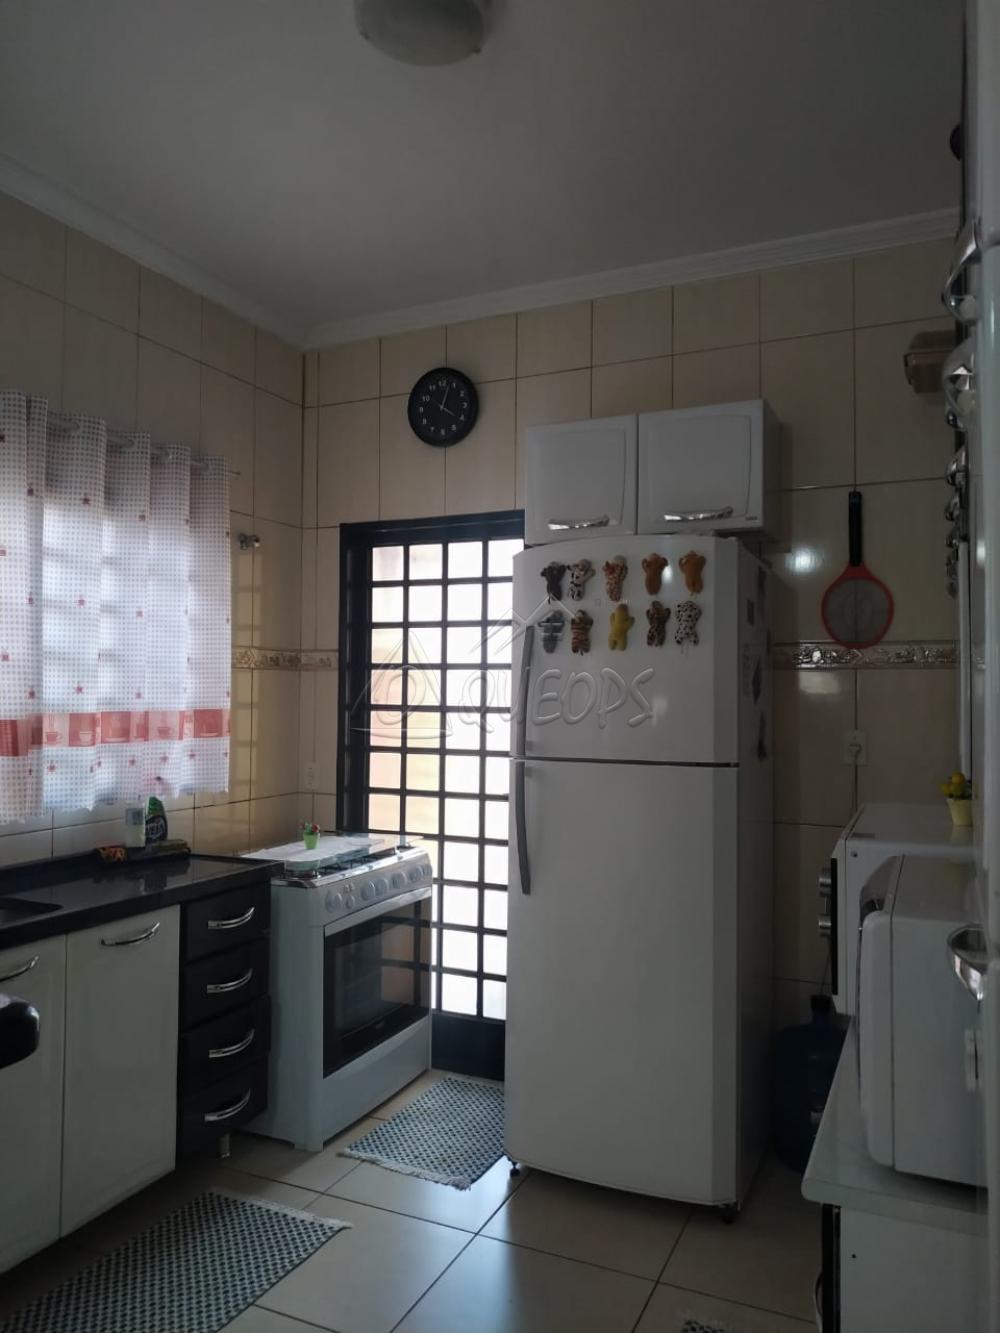 Comprar Casa / Padrão em Barretos apenas R$ 270.000,00 - Foto 11